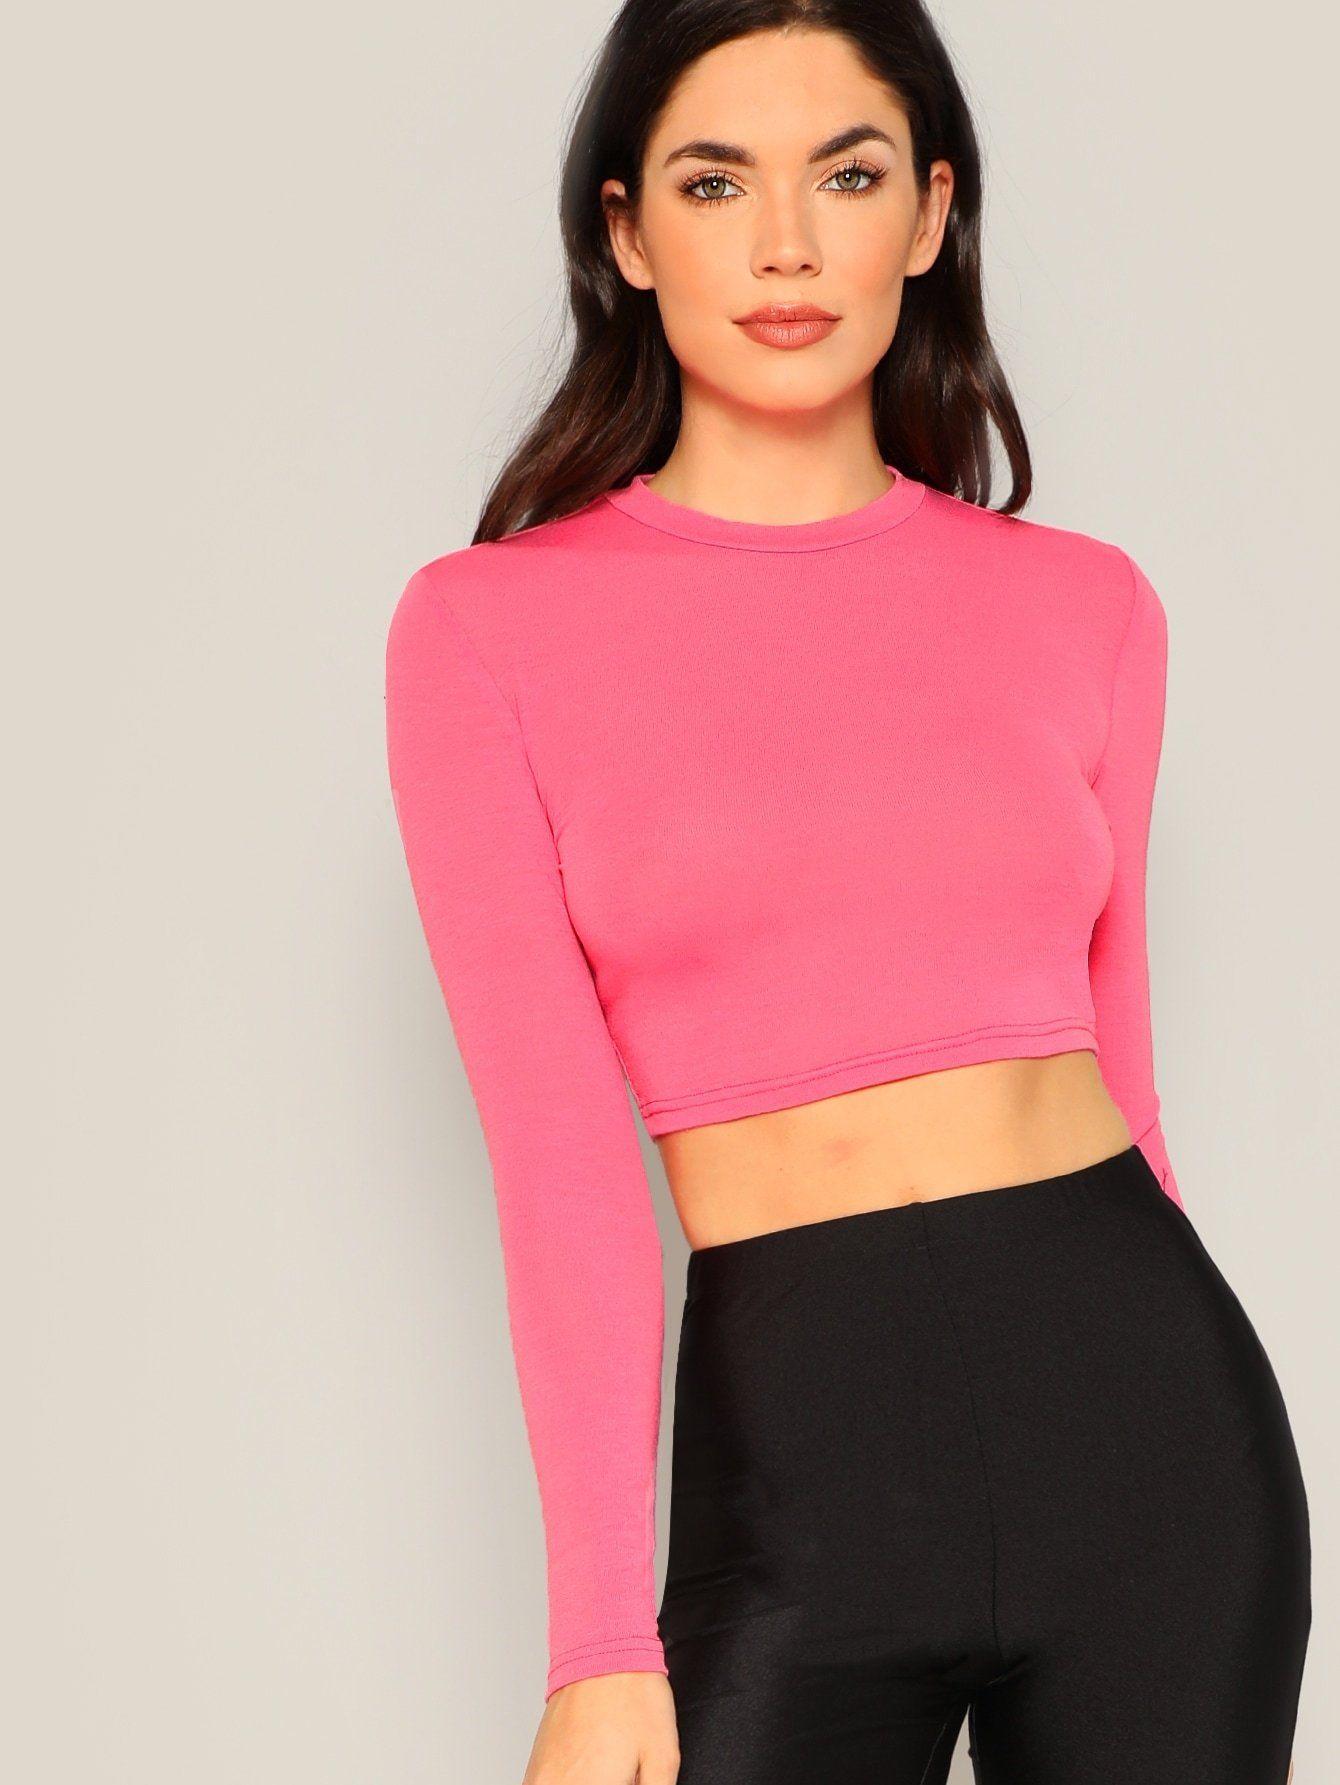 Criss Cross Neon Pink Scuba Romper @ Cicihot Top Shirt Clothing Online Store: Dress Shirt,Sexy